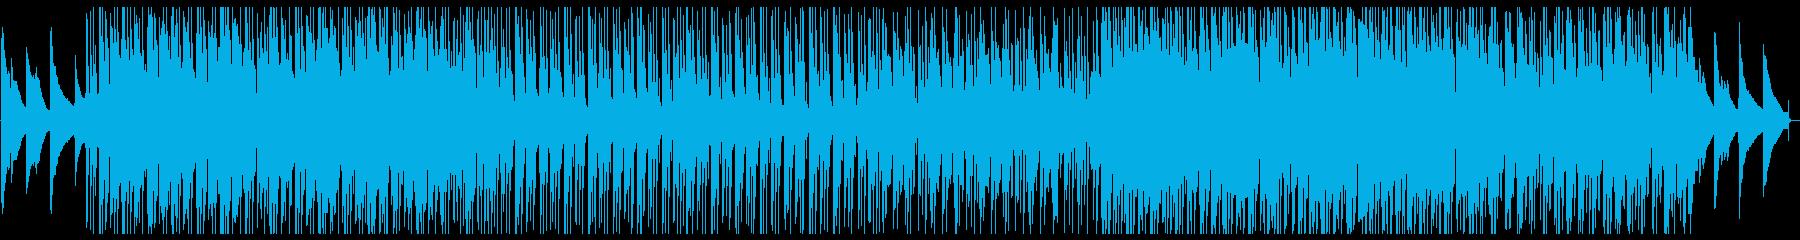 箏がメインの爽やかな和風ポップスの再生済みの波形